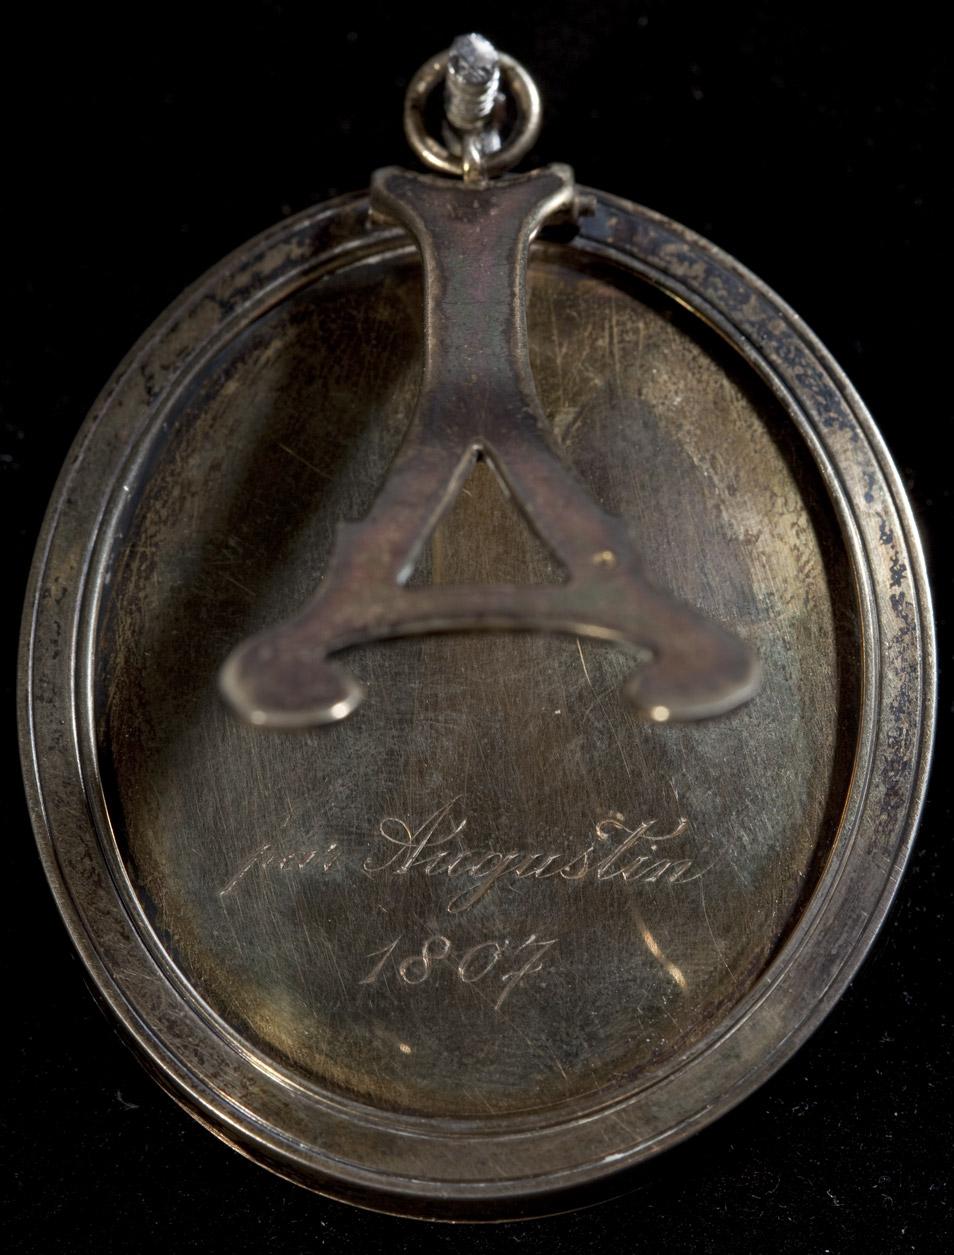 Miniature de Napoléon Ier par Augustin - Patrimoine Charles-André COLONNA WALEWSKI, en ligne directe de Napoléon